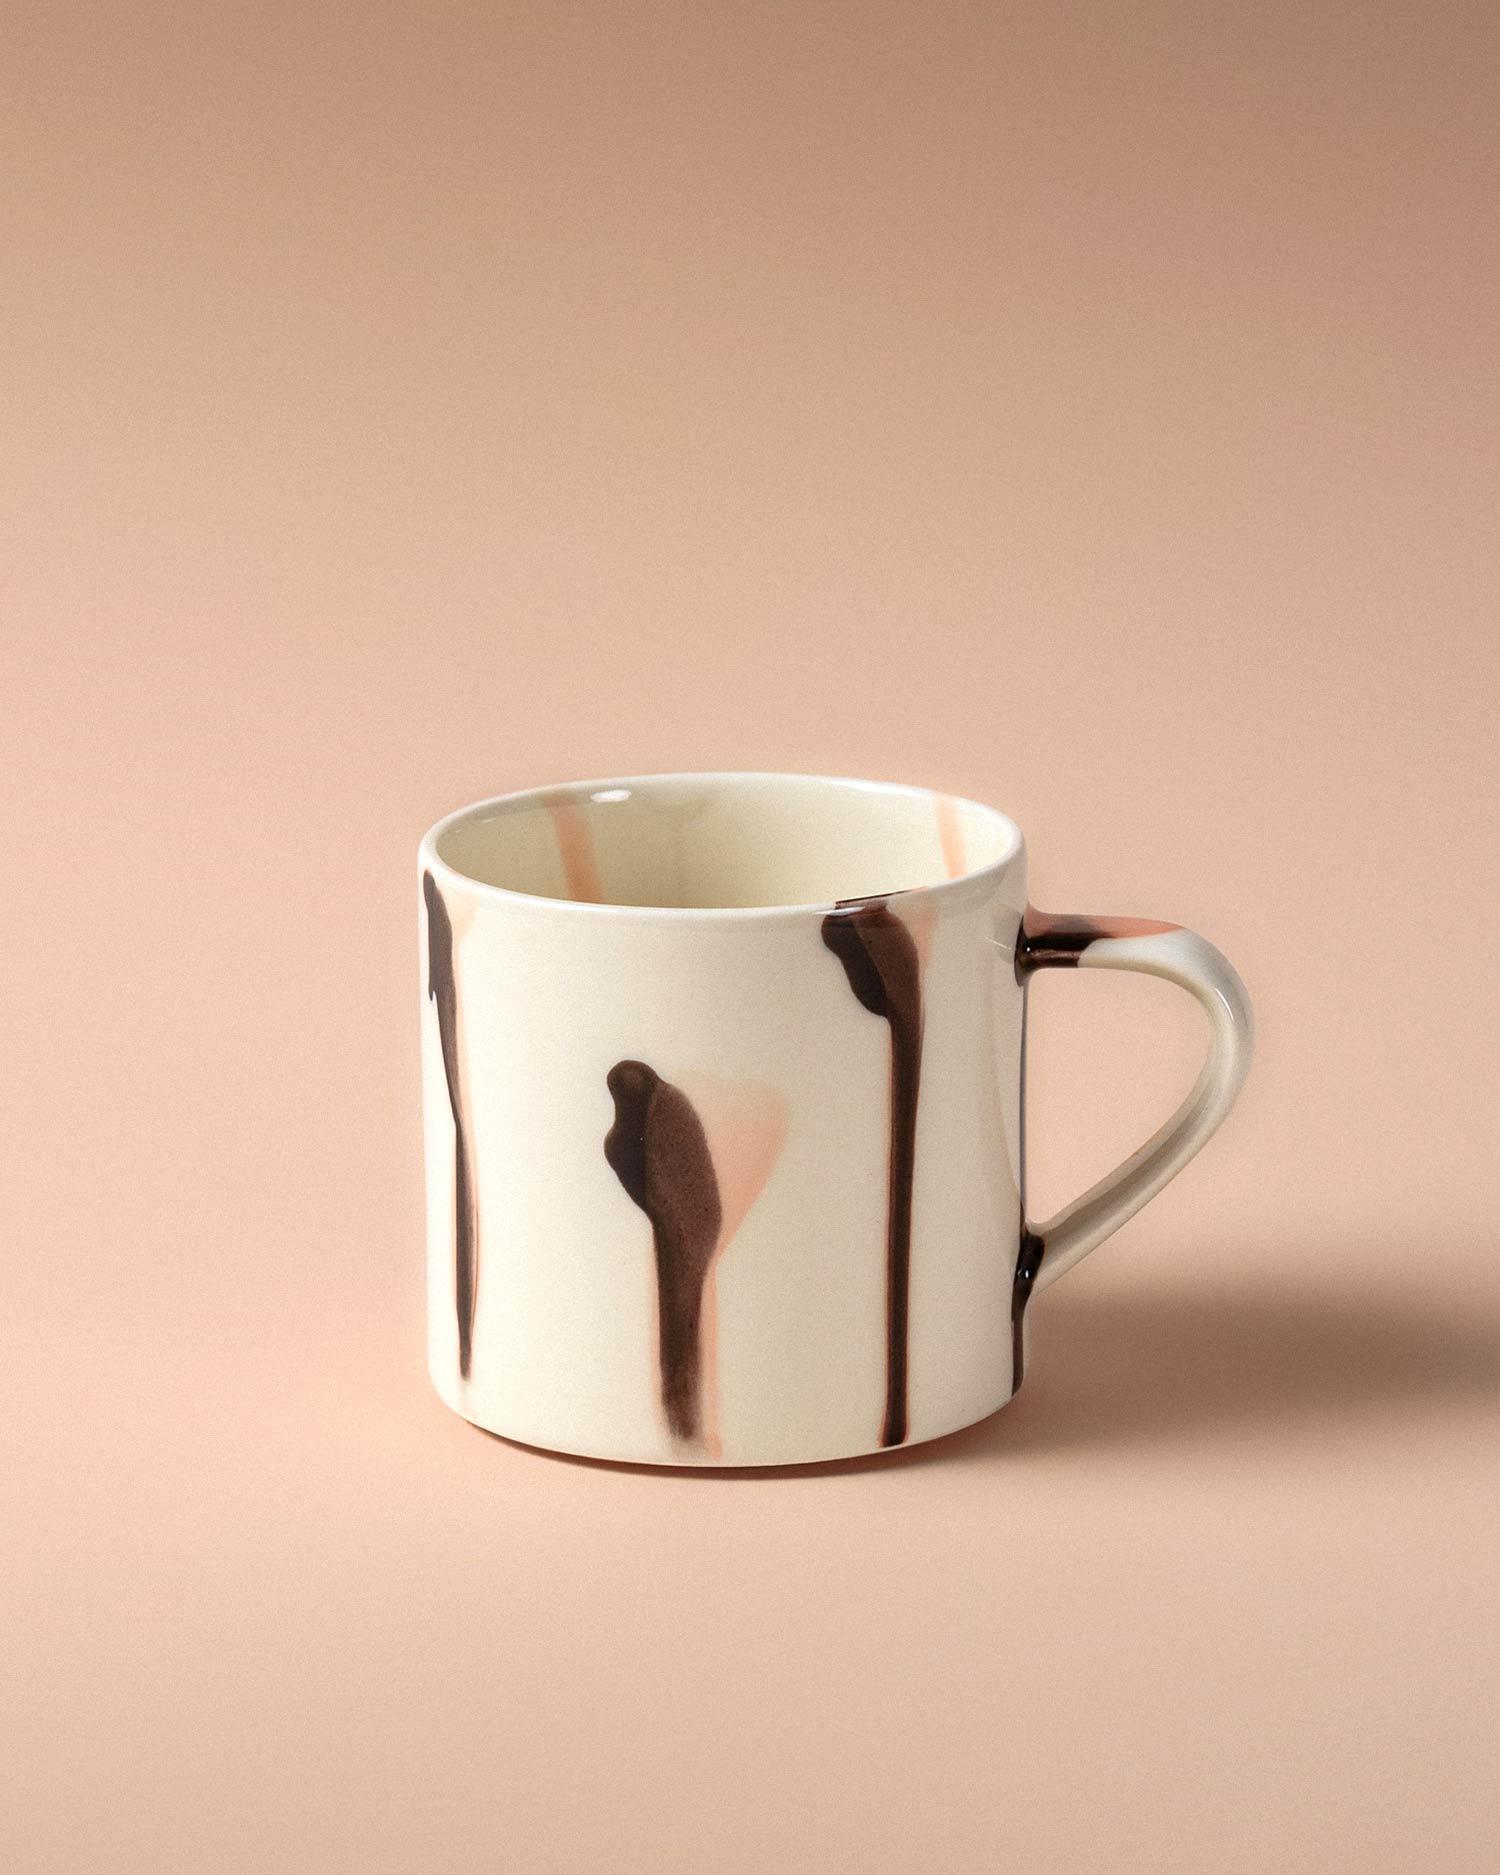 kerfuffle-coffee-cup-1-pp.jpg